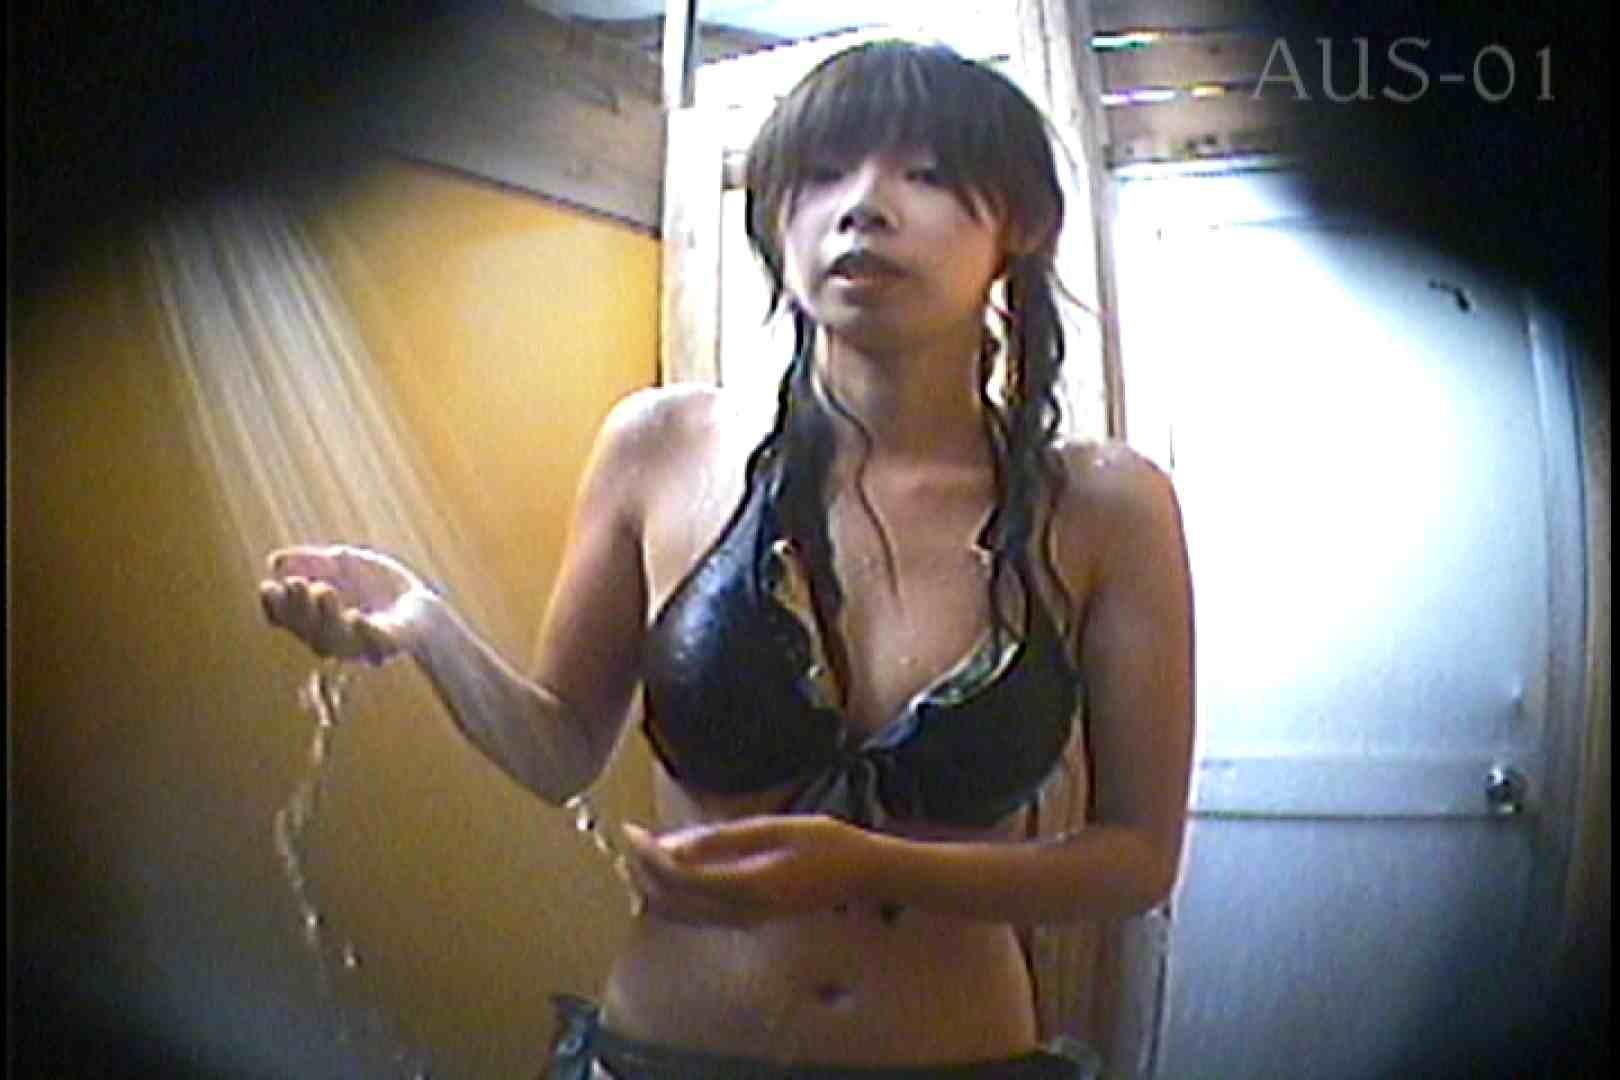 海の家の更衣室 Vol.01 OLのボディ   シャワー  105PIX 28